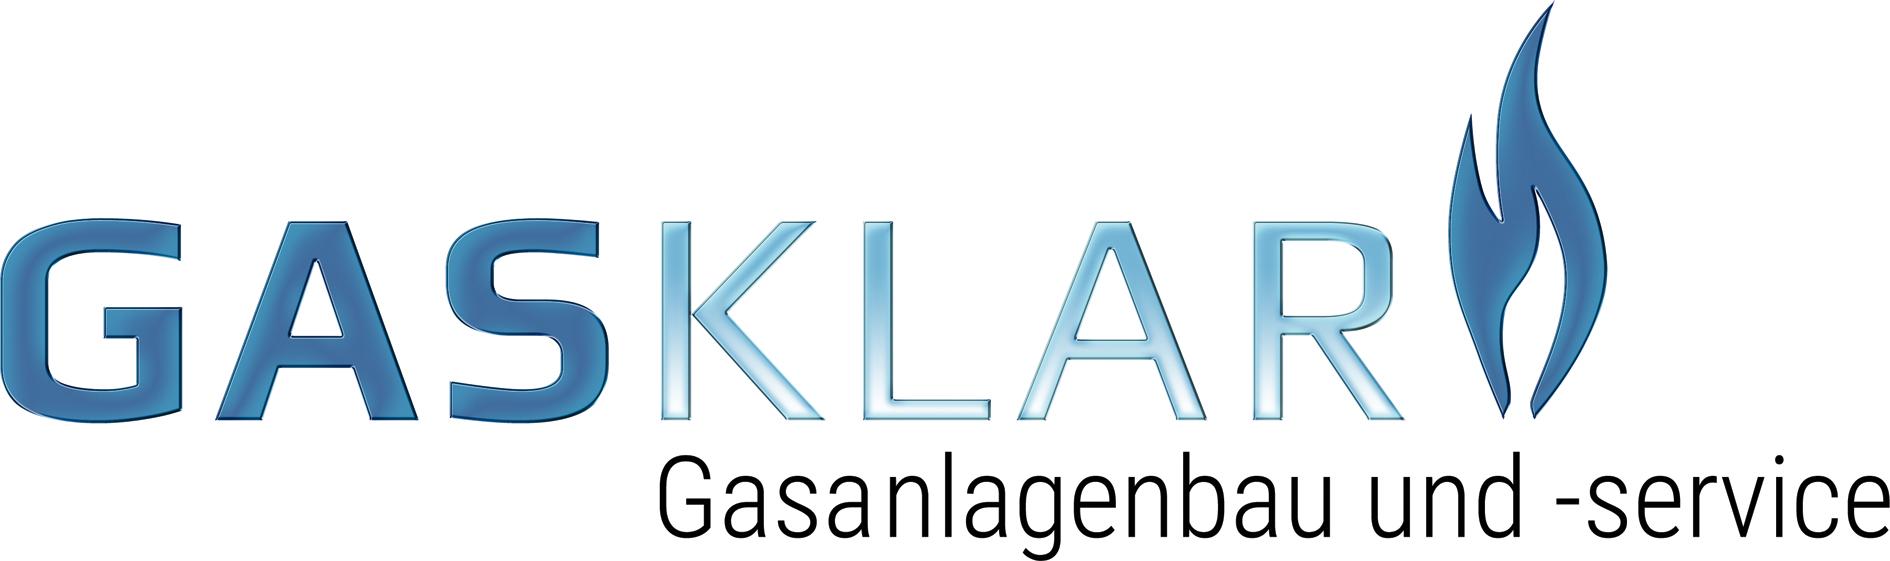 GASKLAR GmbH & Co. KG